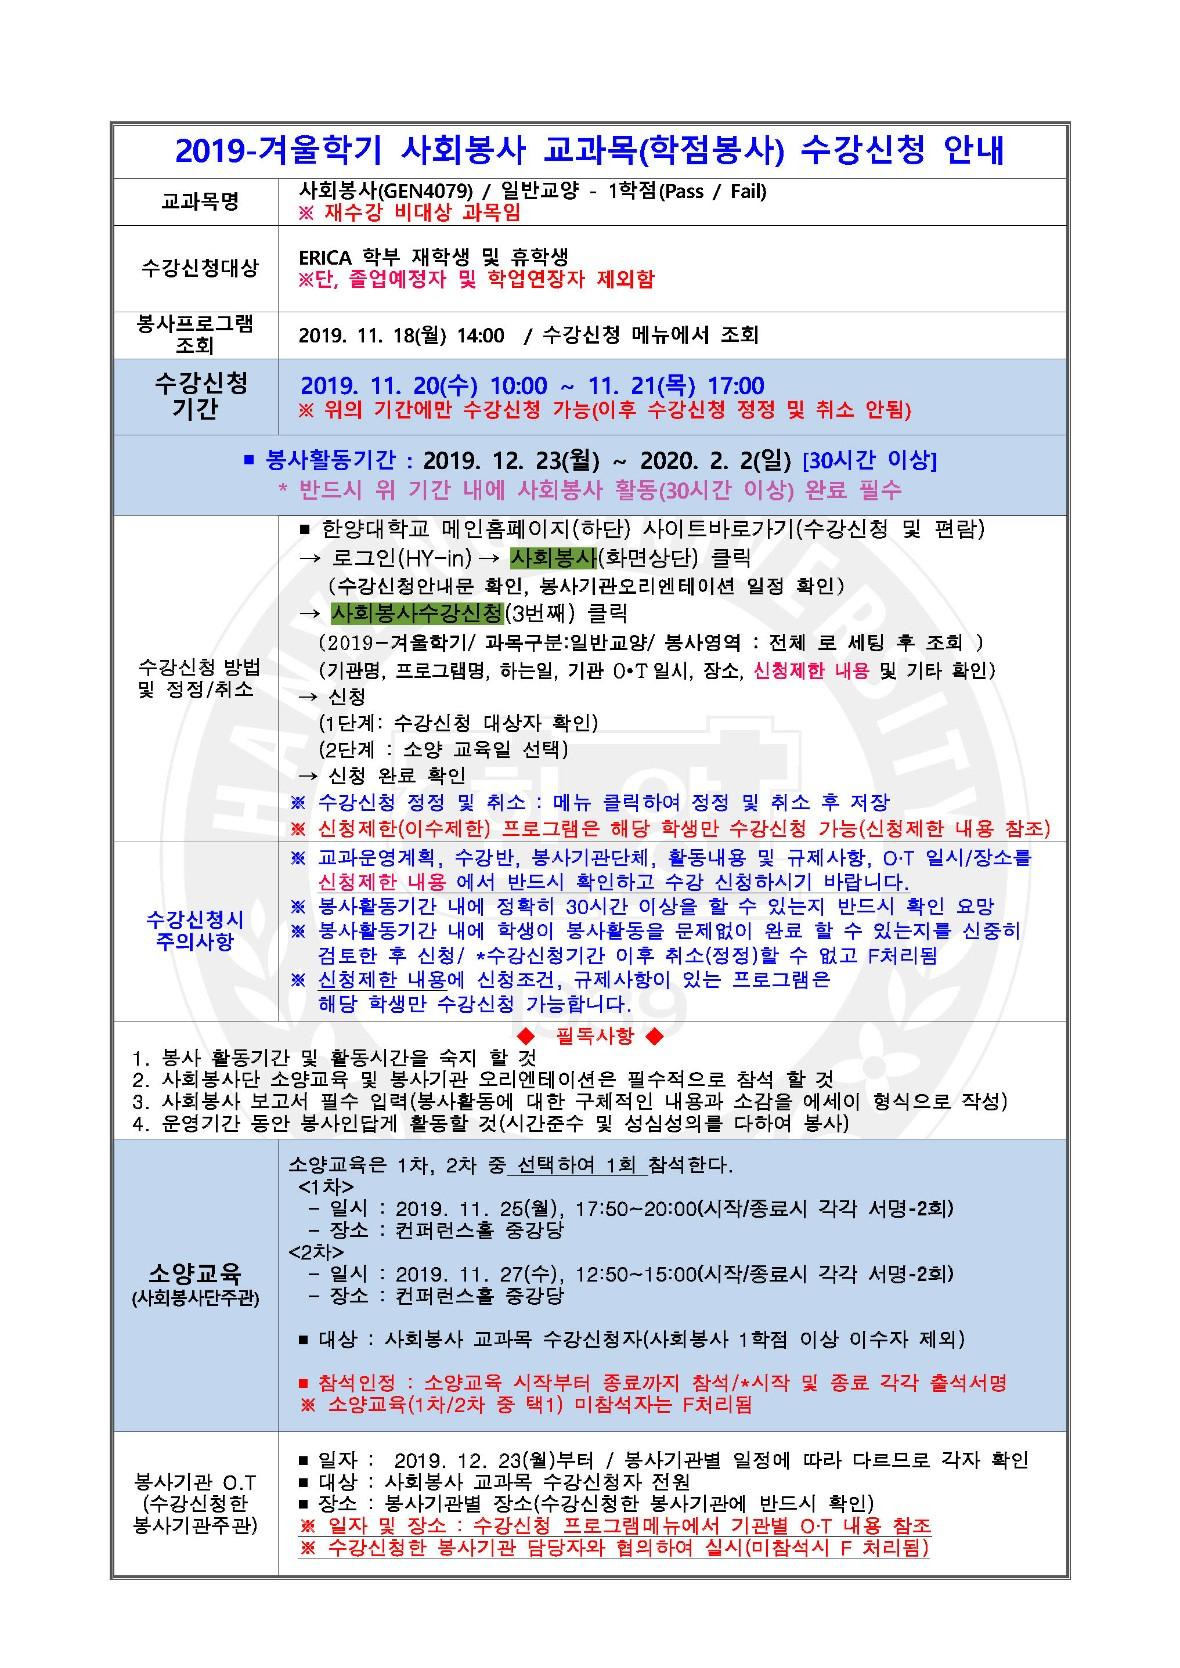 20191031_사회봉사 교과목 수강신청 안내(학생공지용)겨울학기.jpg